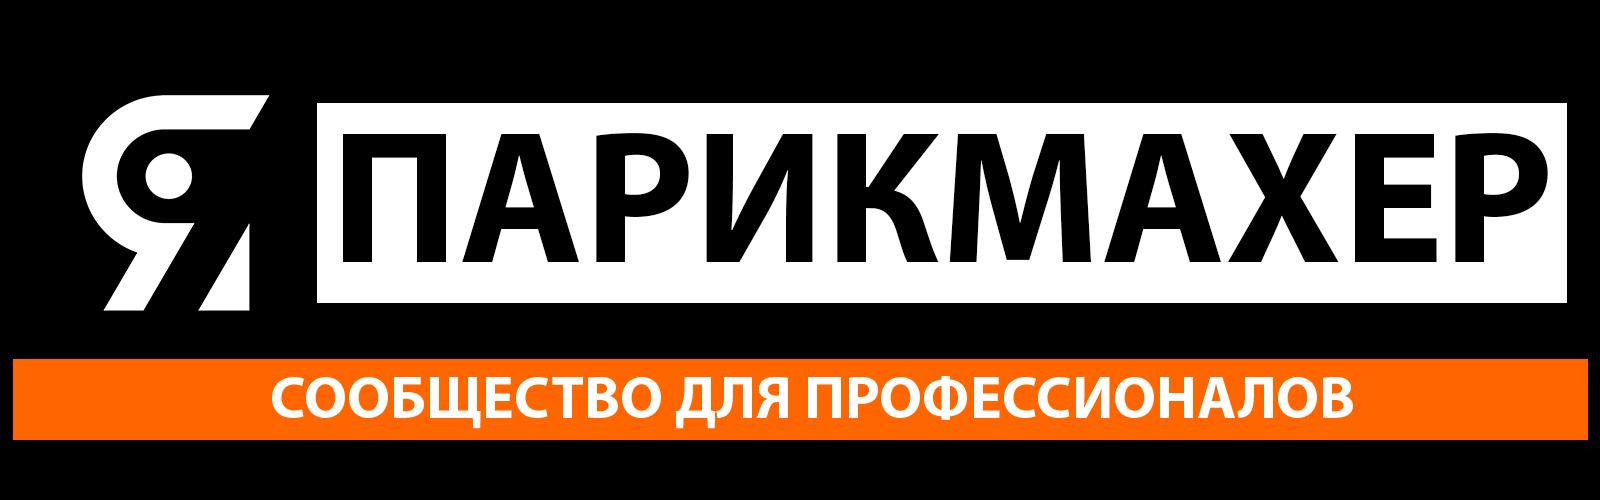 Я ПАРИКМАХЕР - первый форум парикмахеров